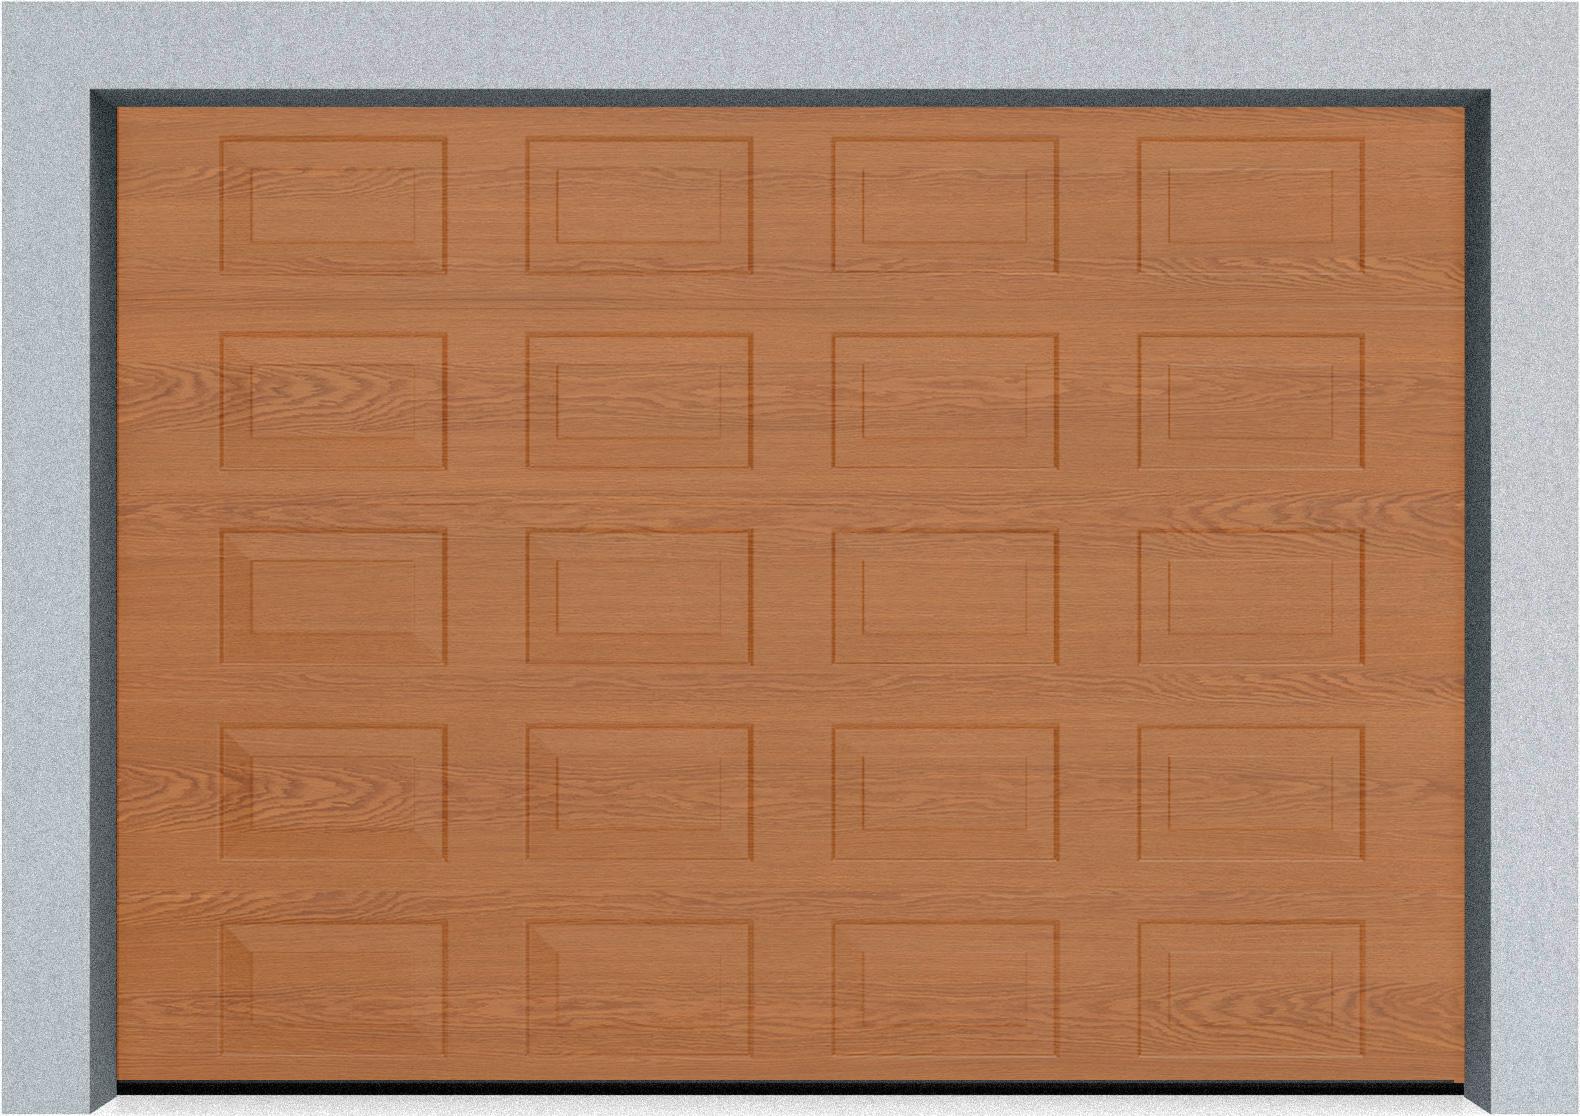 Автоматические секционные гаражные ворота DoorHan RSD02 5900х3100 Филенка цвета под дерево, фото 1